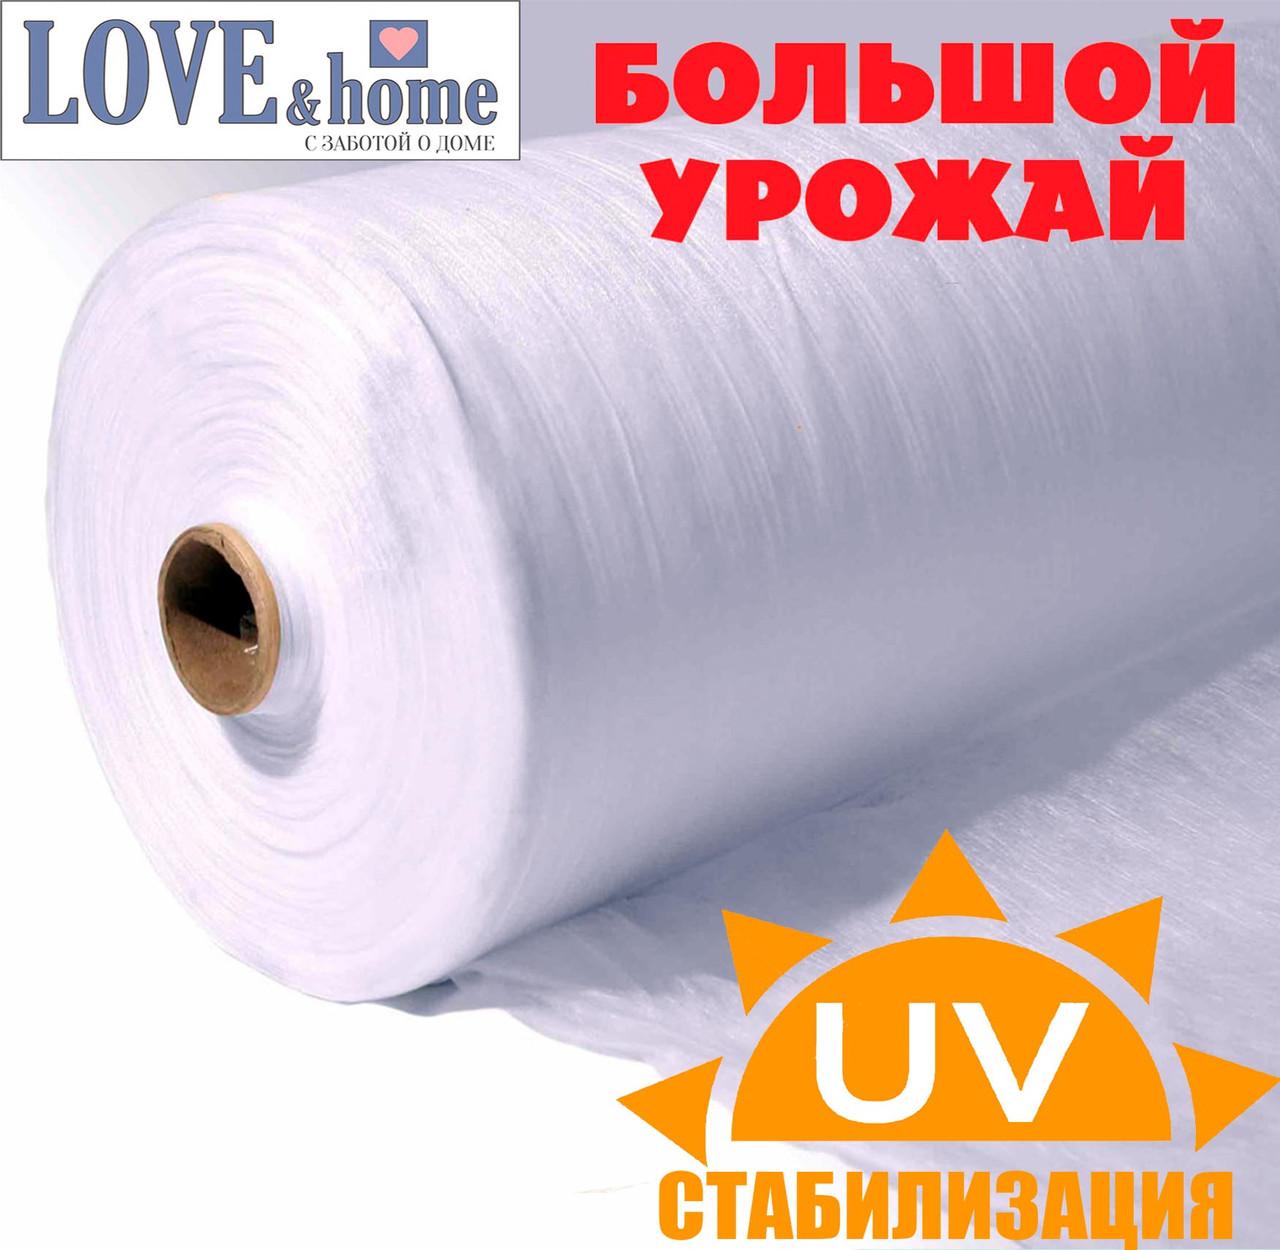 Агроволокно белое, плотность 42г/м². ширина 3.2 м. длинна 100м.